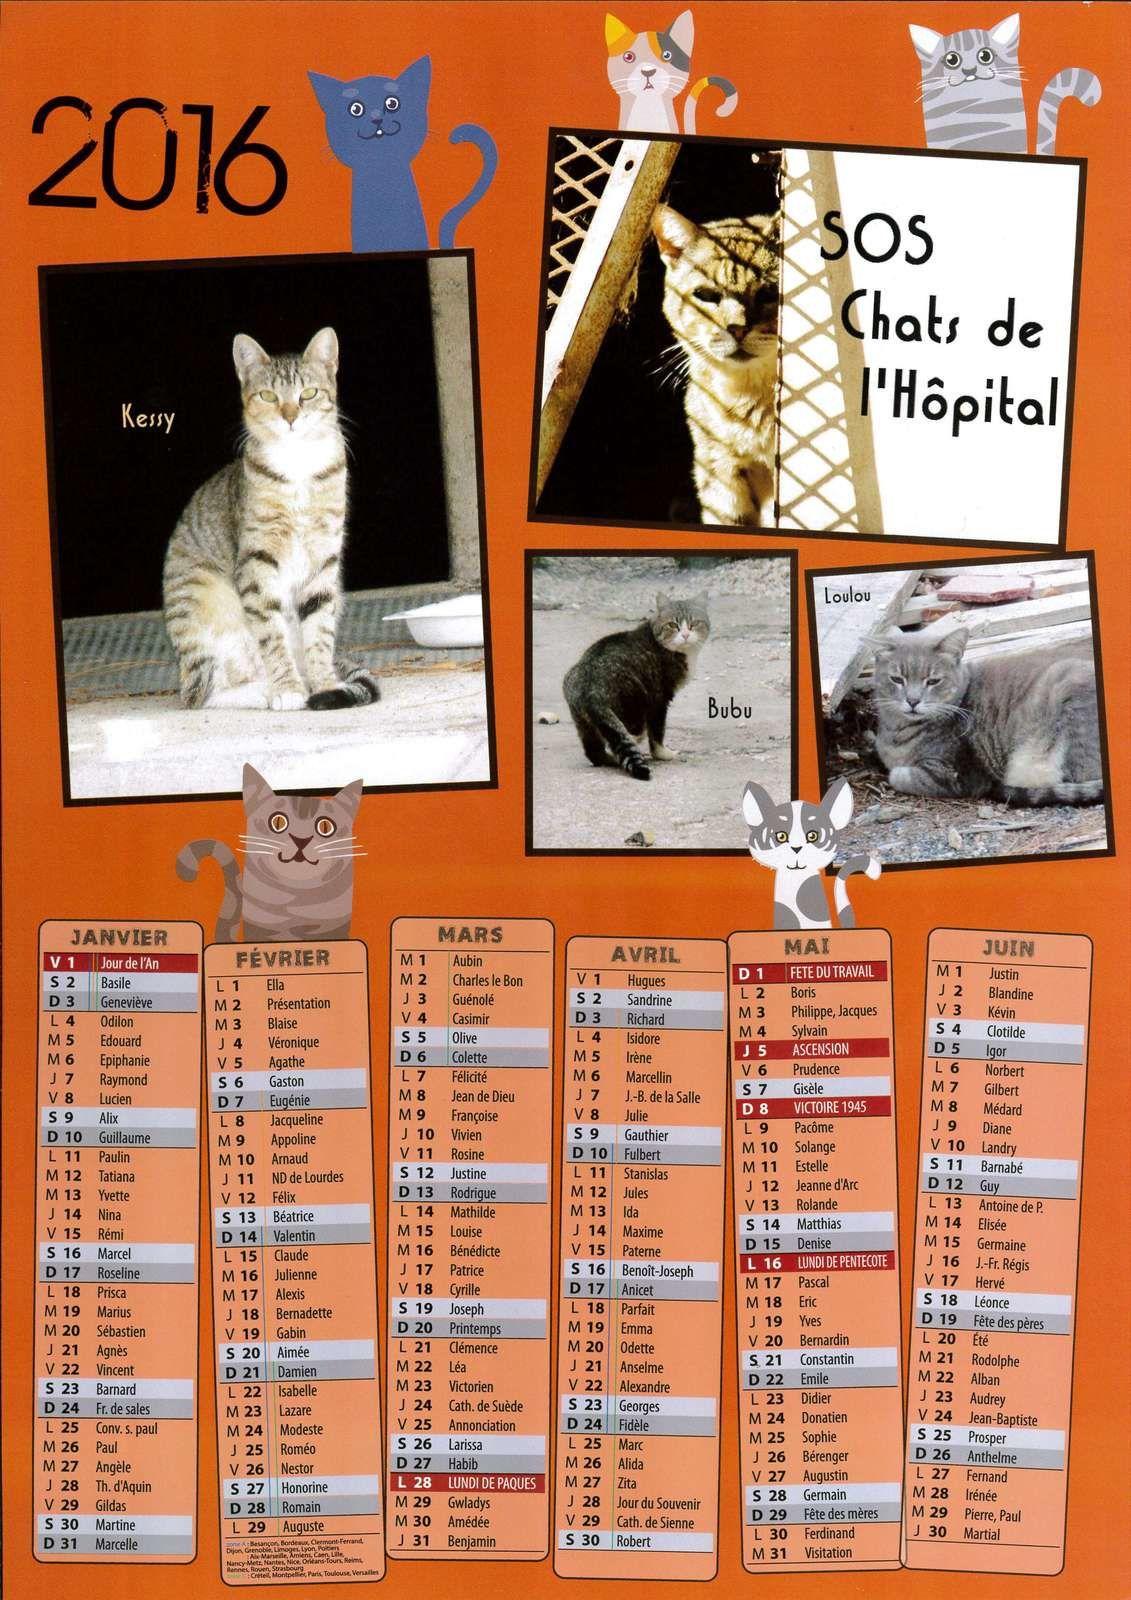 Bubu sur le calendrier 2016 des Chats de l'Hôpital de Perpignan